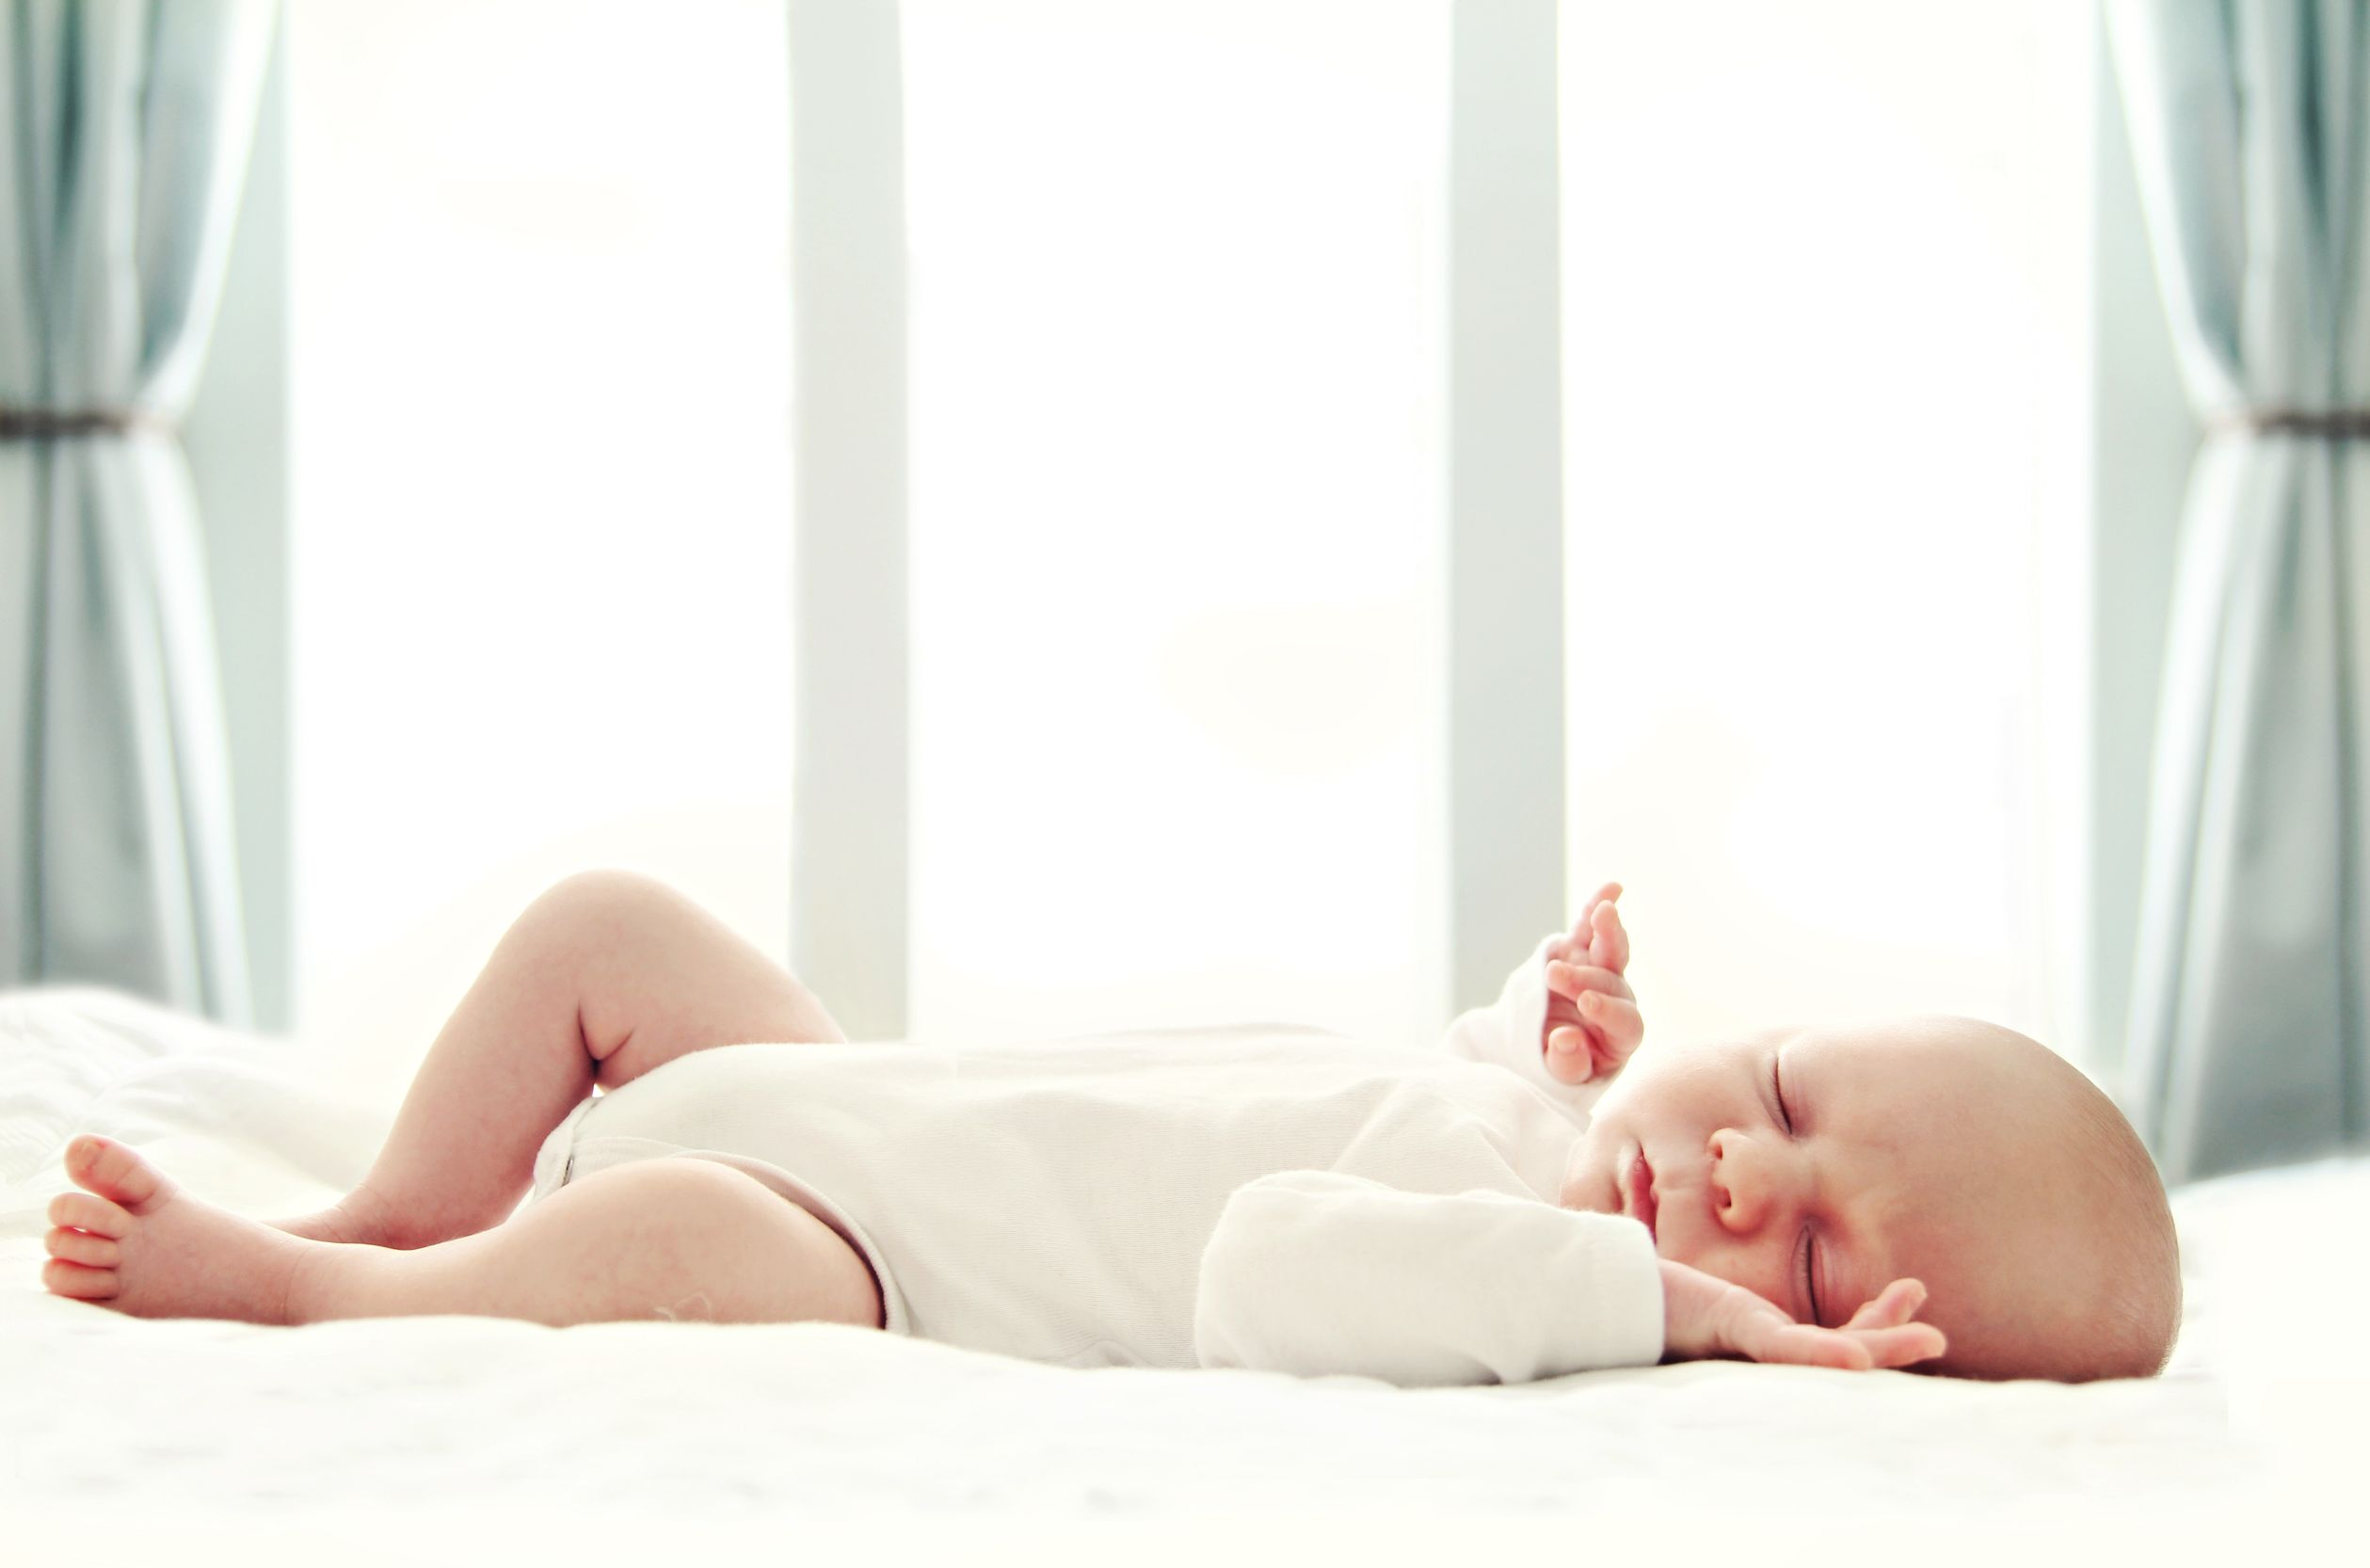 волокна новорожденный ребенок не спит в кроватке термобелье удовольствием